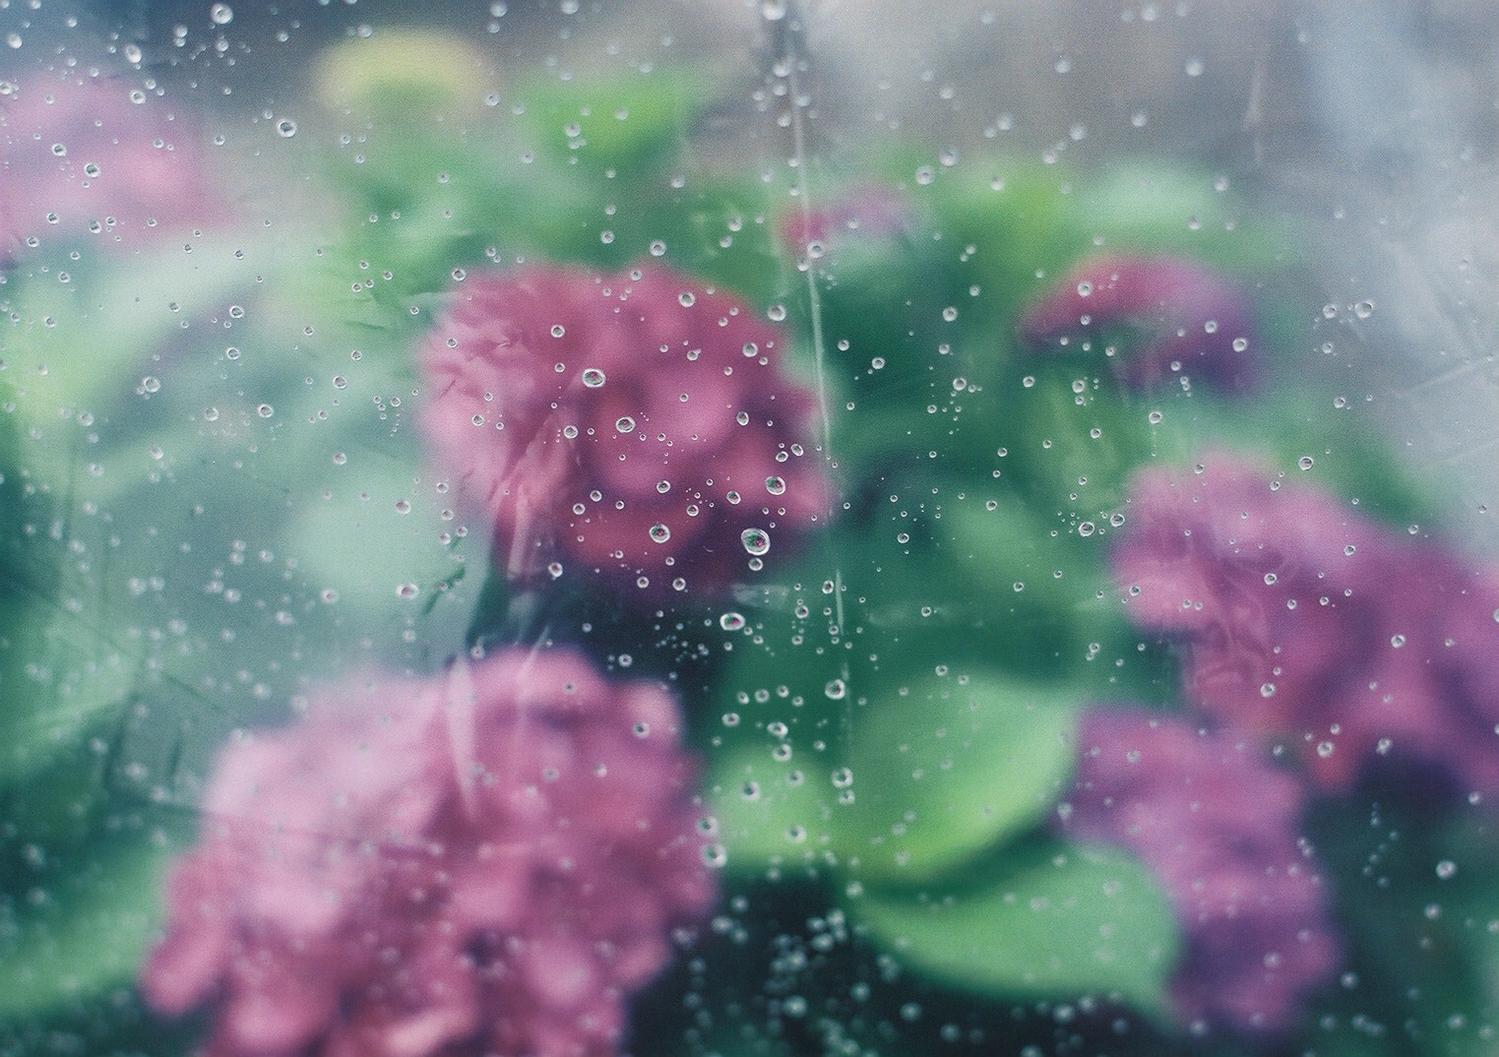 雨からの贈り物に、胸を高鳴らせて